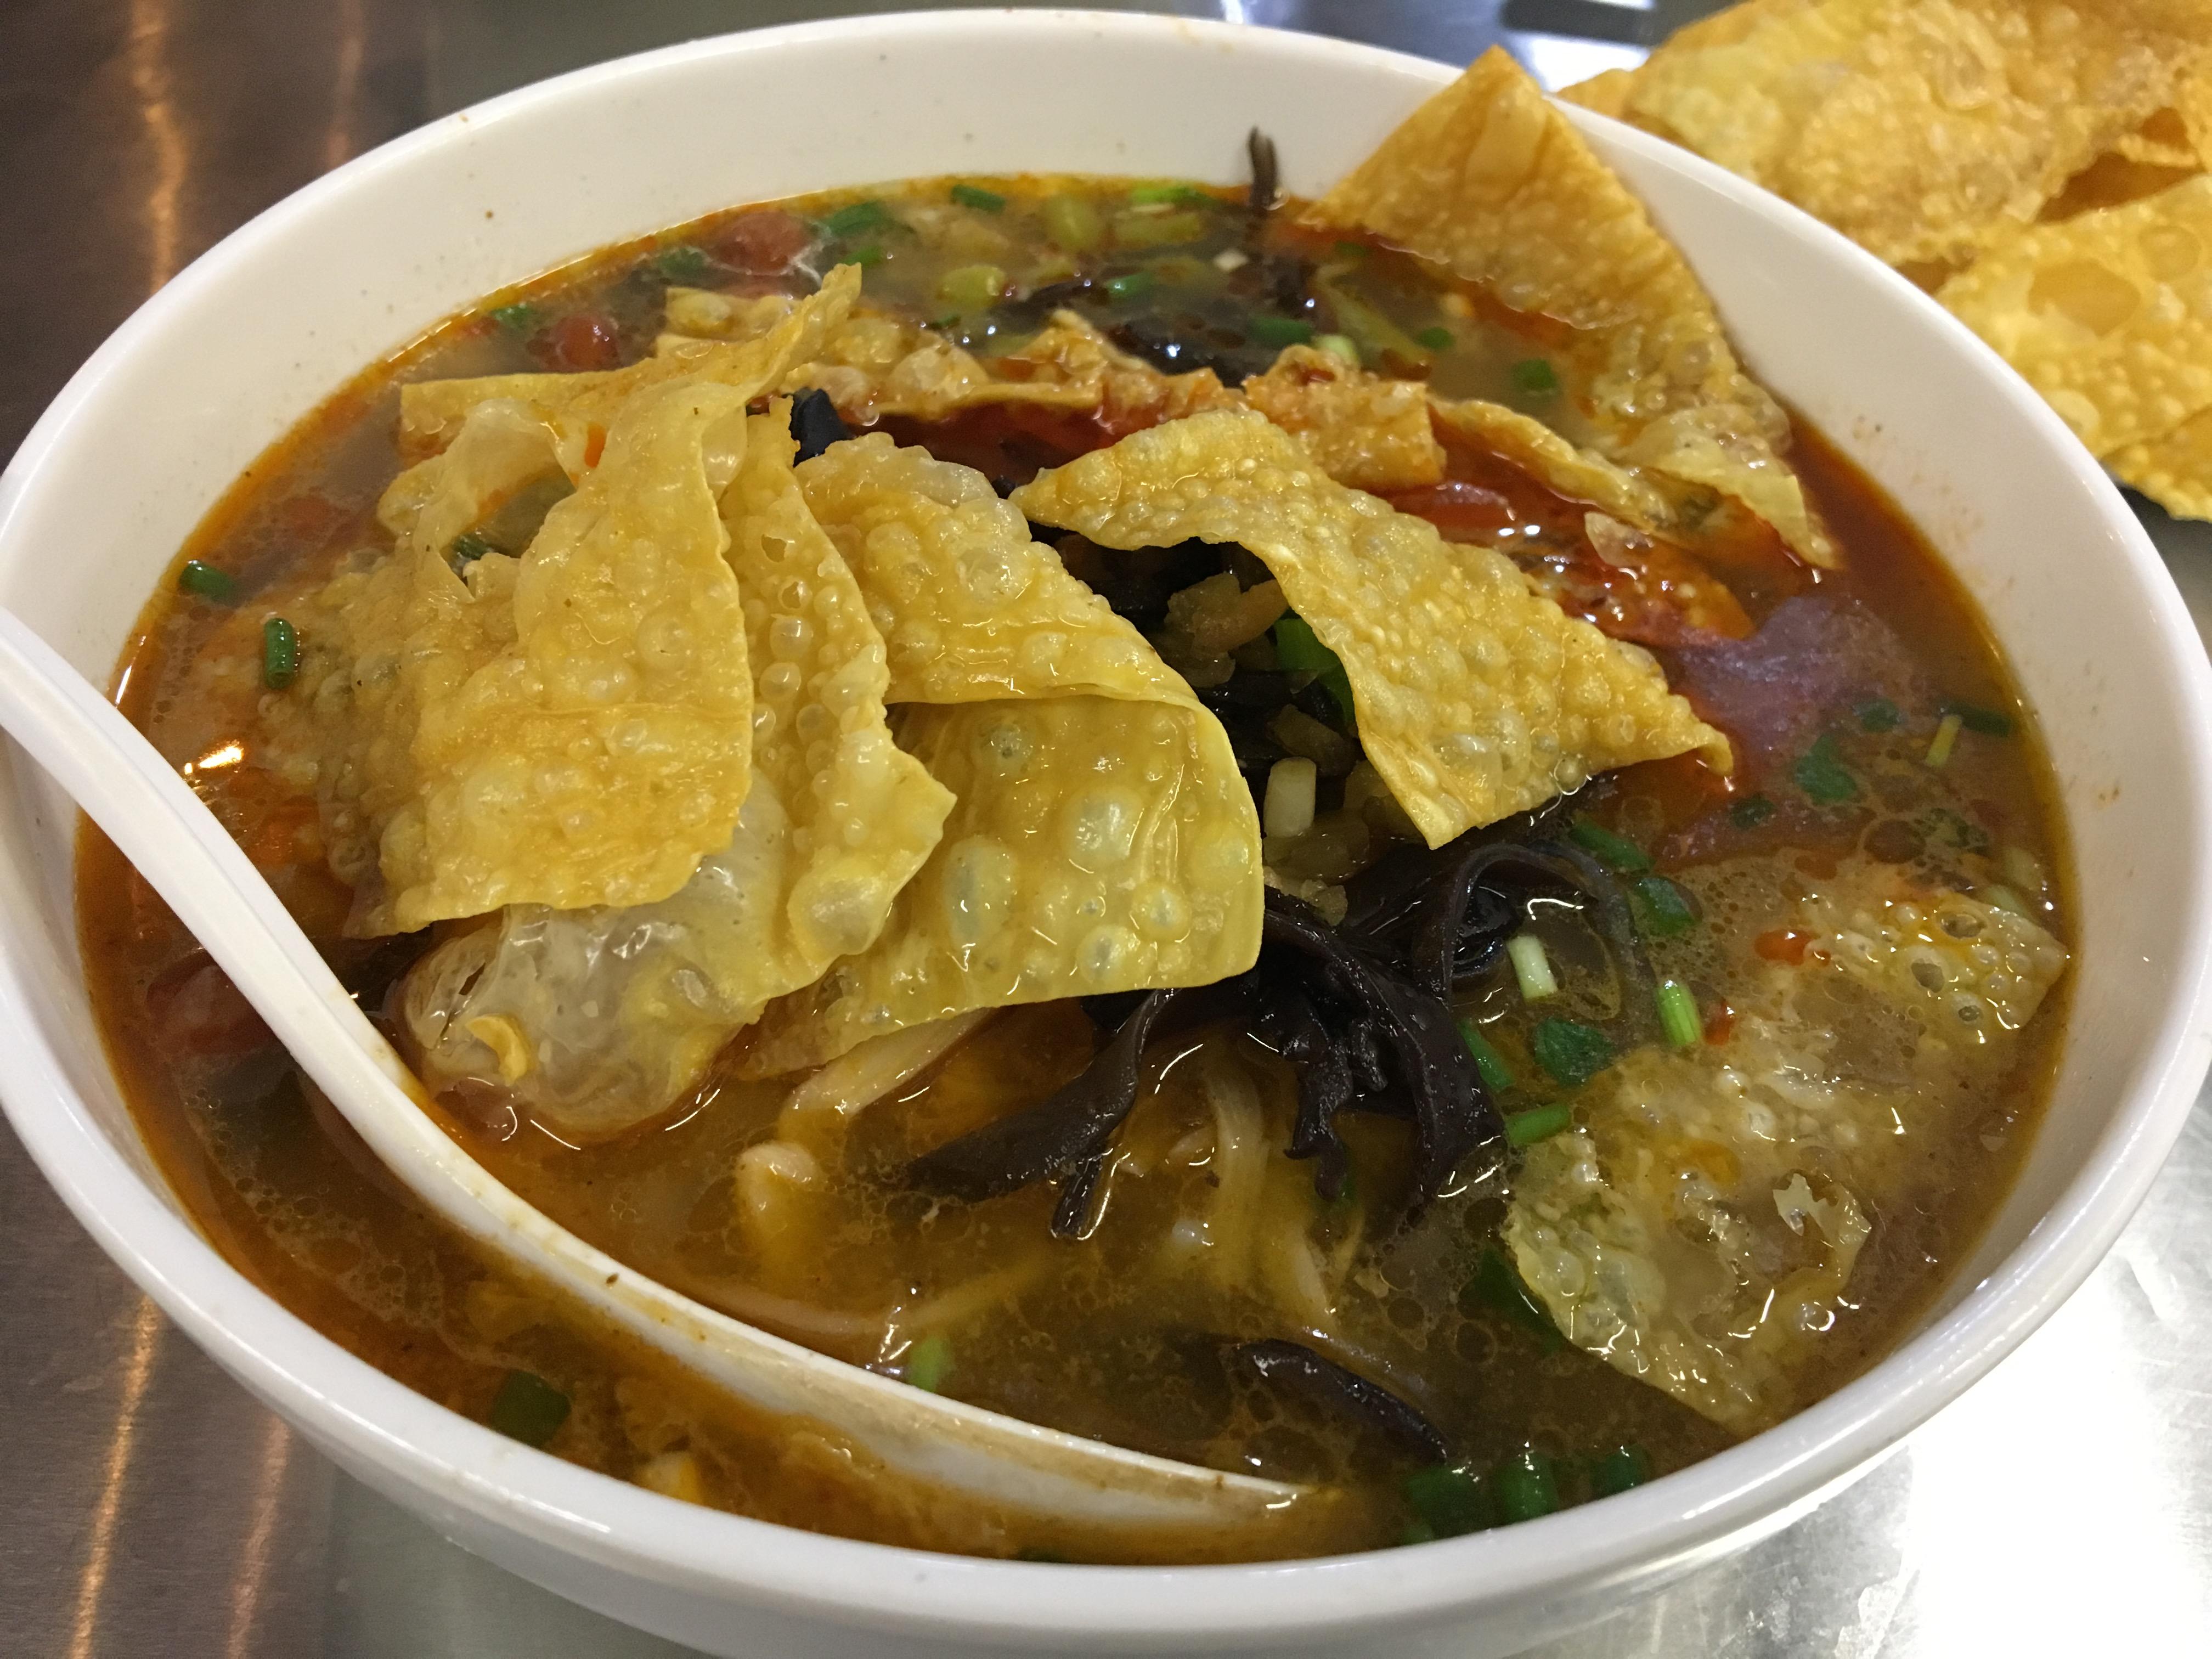 杨国福加盟店再现食品安全问题